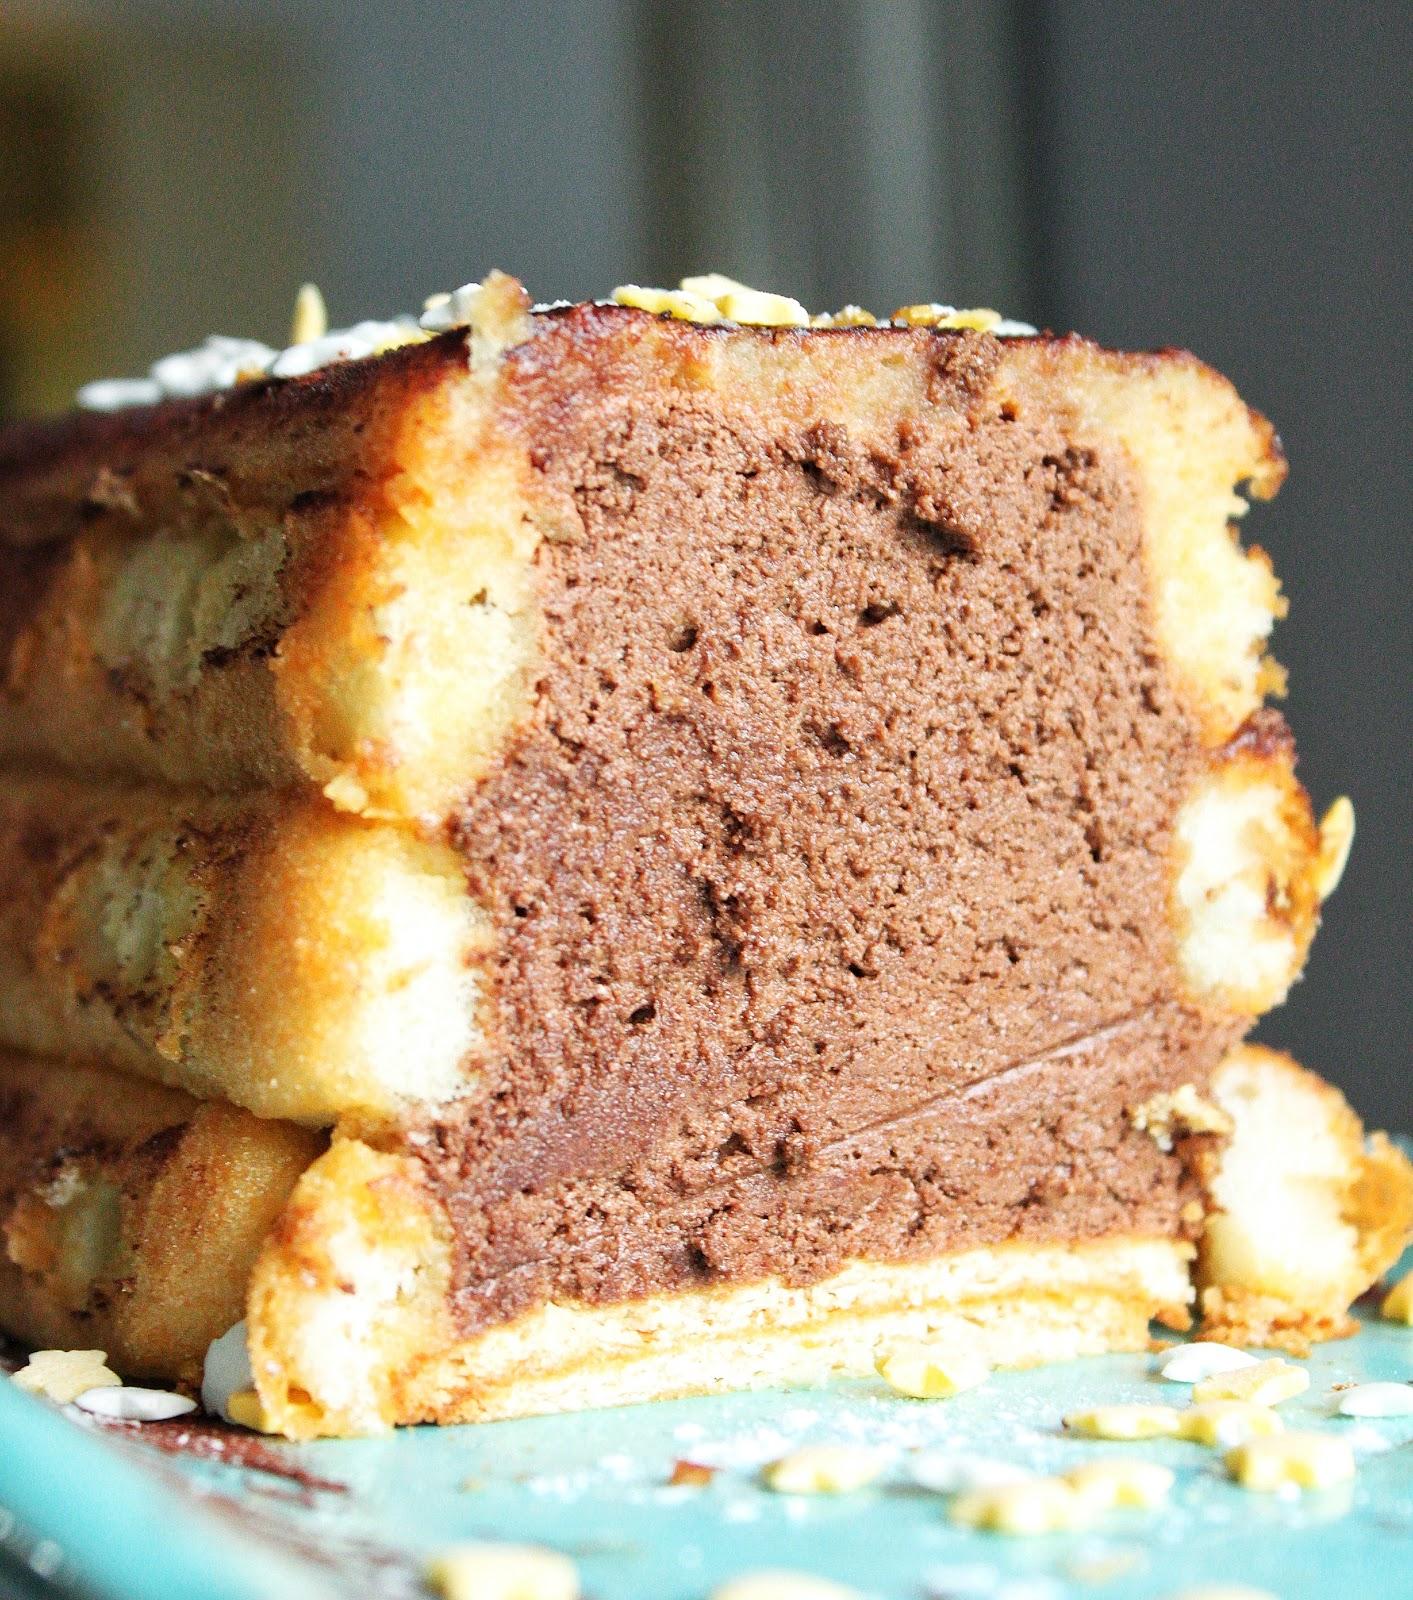 Mousse au chocolat d guis e en b che sof vous invite for Buche a la mousse au chocolat